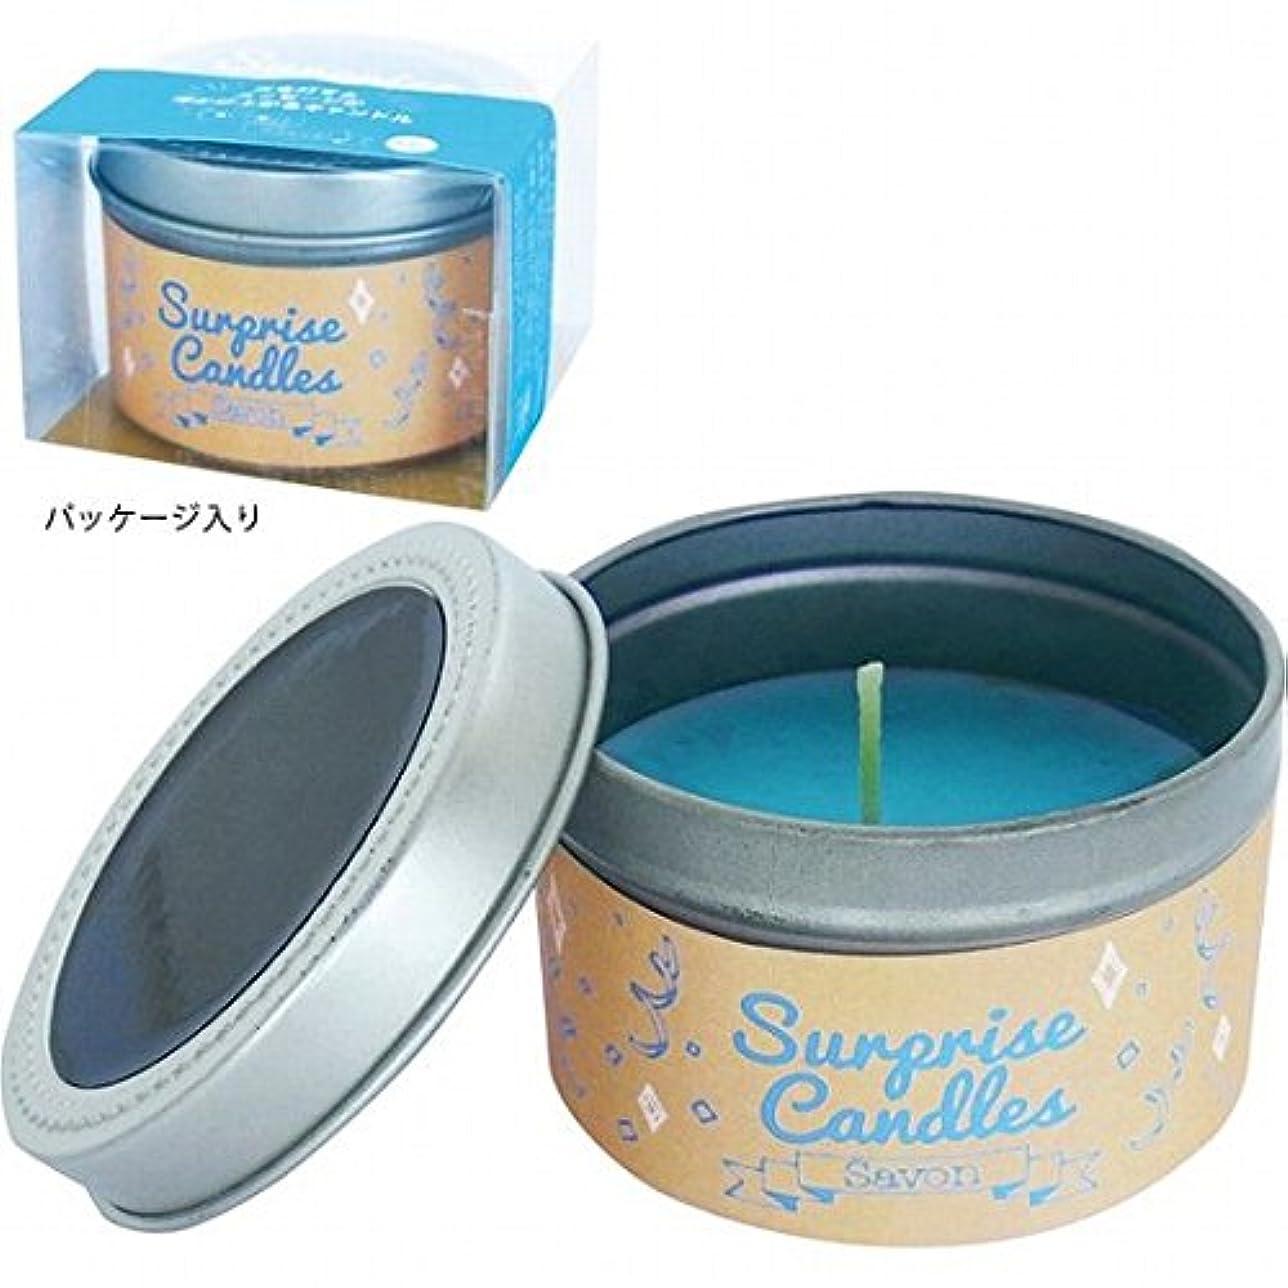 ホテルカレッジみすぼらしいカメヤマキャンドル( kameyama candle ) サプライズキャンドル 「サボン」